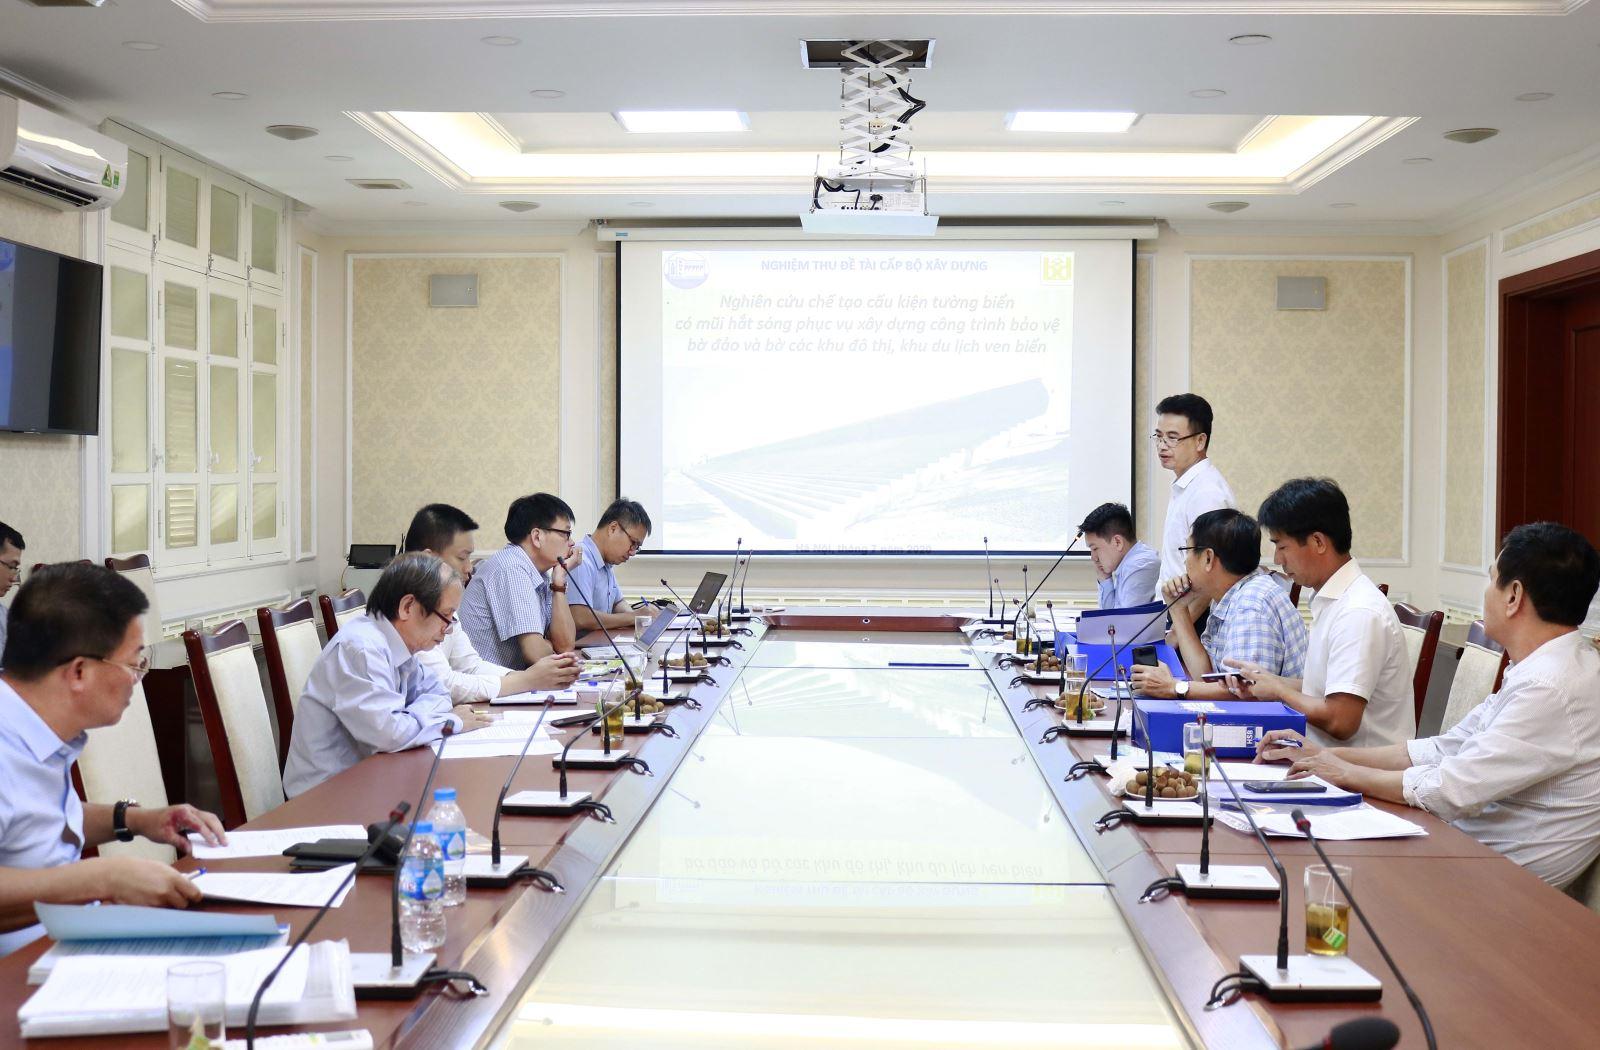 Nghiệm thu Đề tài khoa học công nghệ do nhóm nghiên cứu trường Đại học Thủy lợi thực hiện